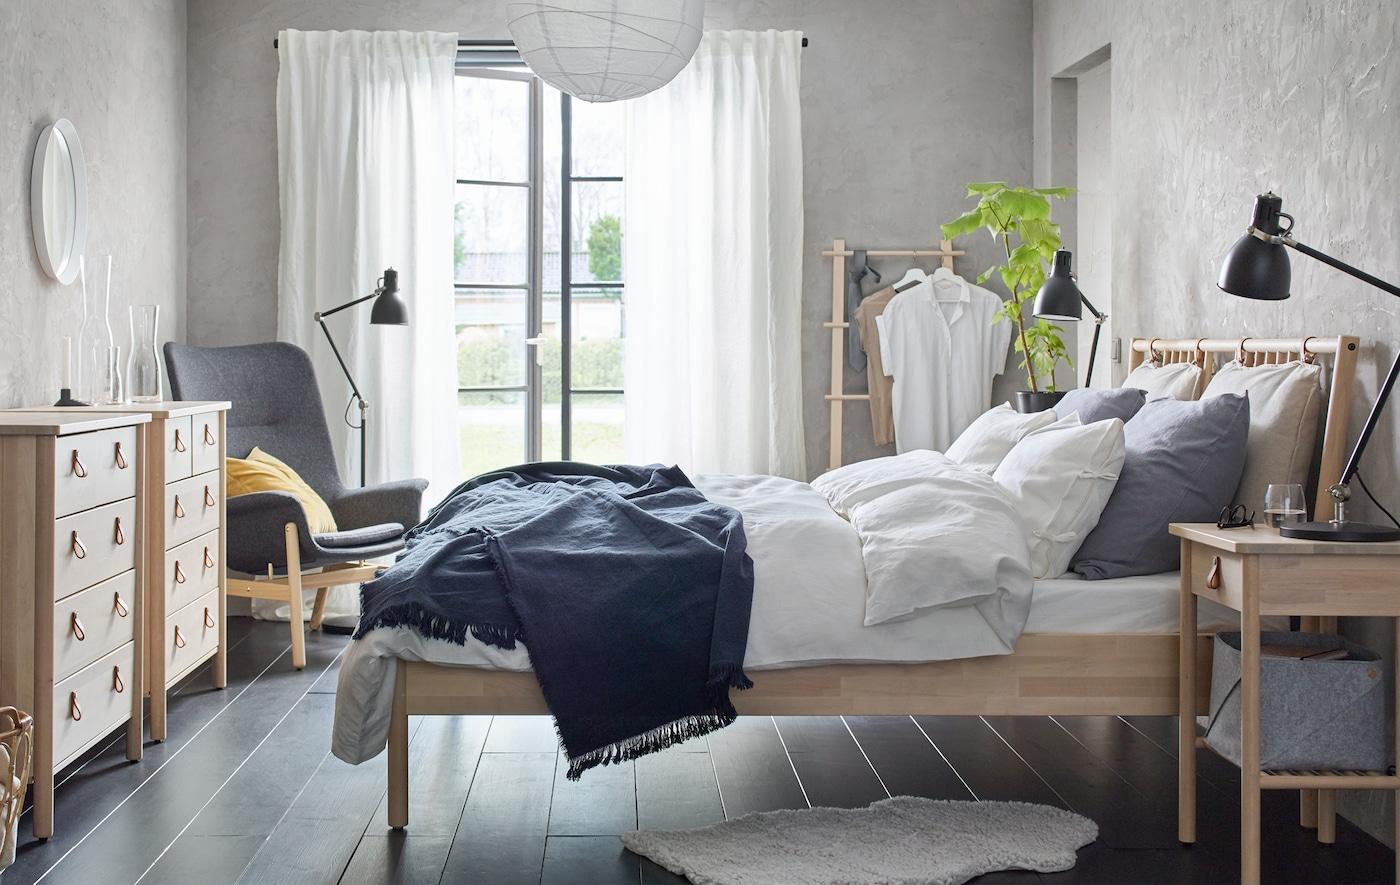 Spavaća soba s neupadljivim ukrasima, drvenim okvirom kreveta, komodom s fiokama i noćnim stočićem.